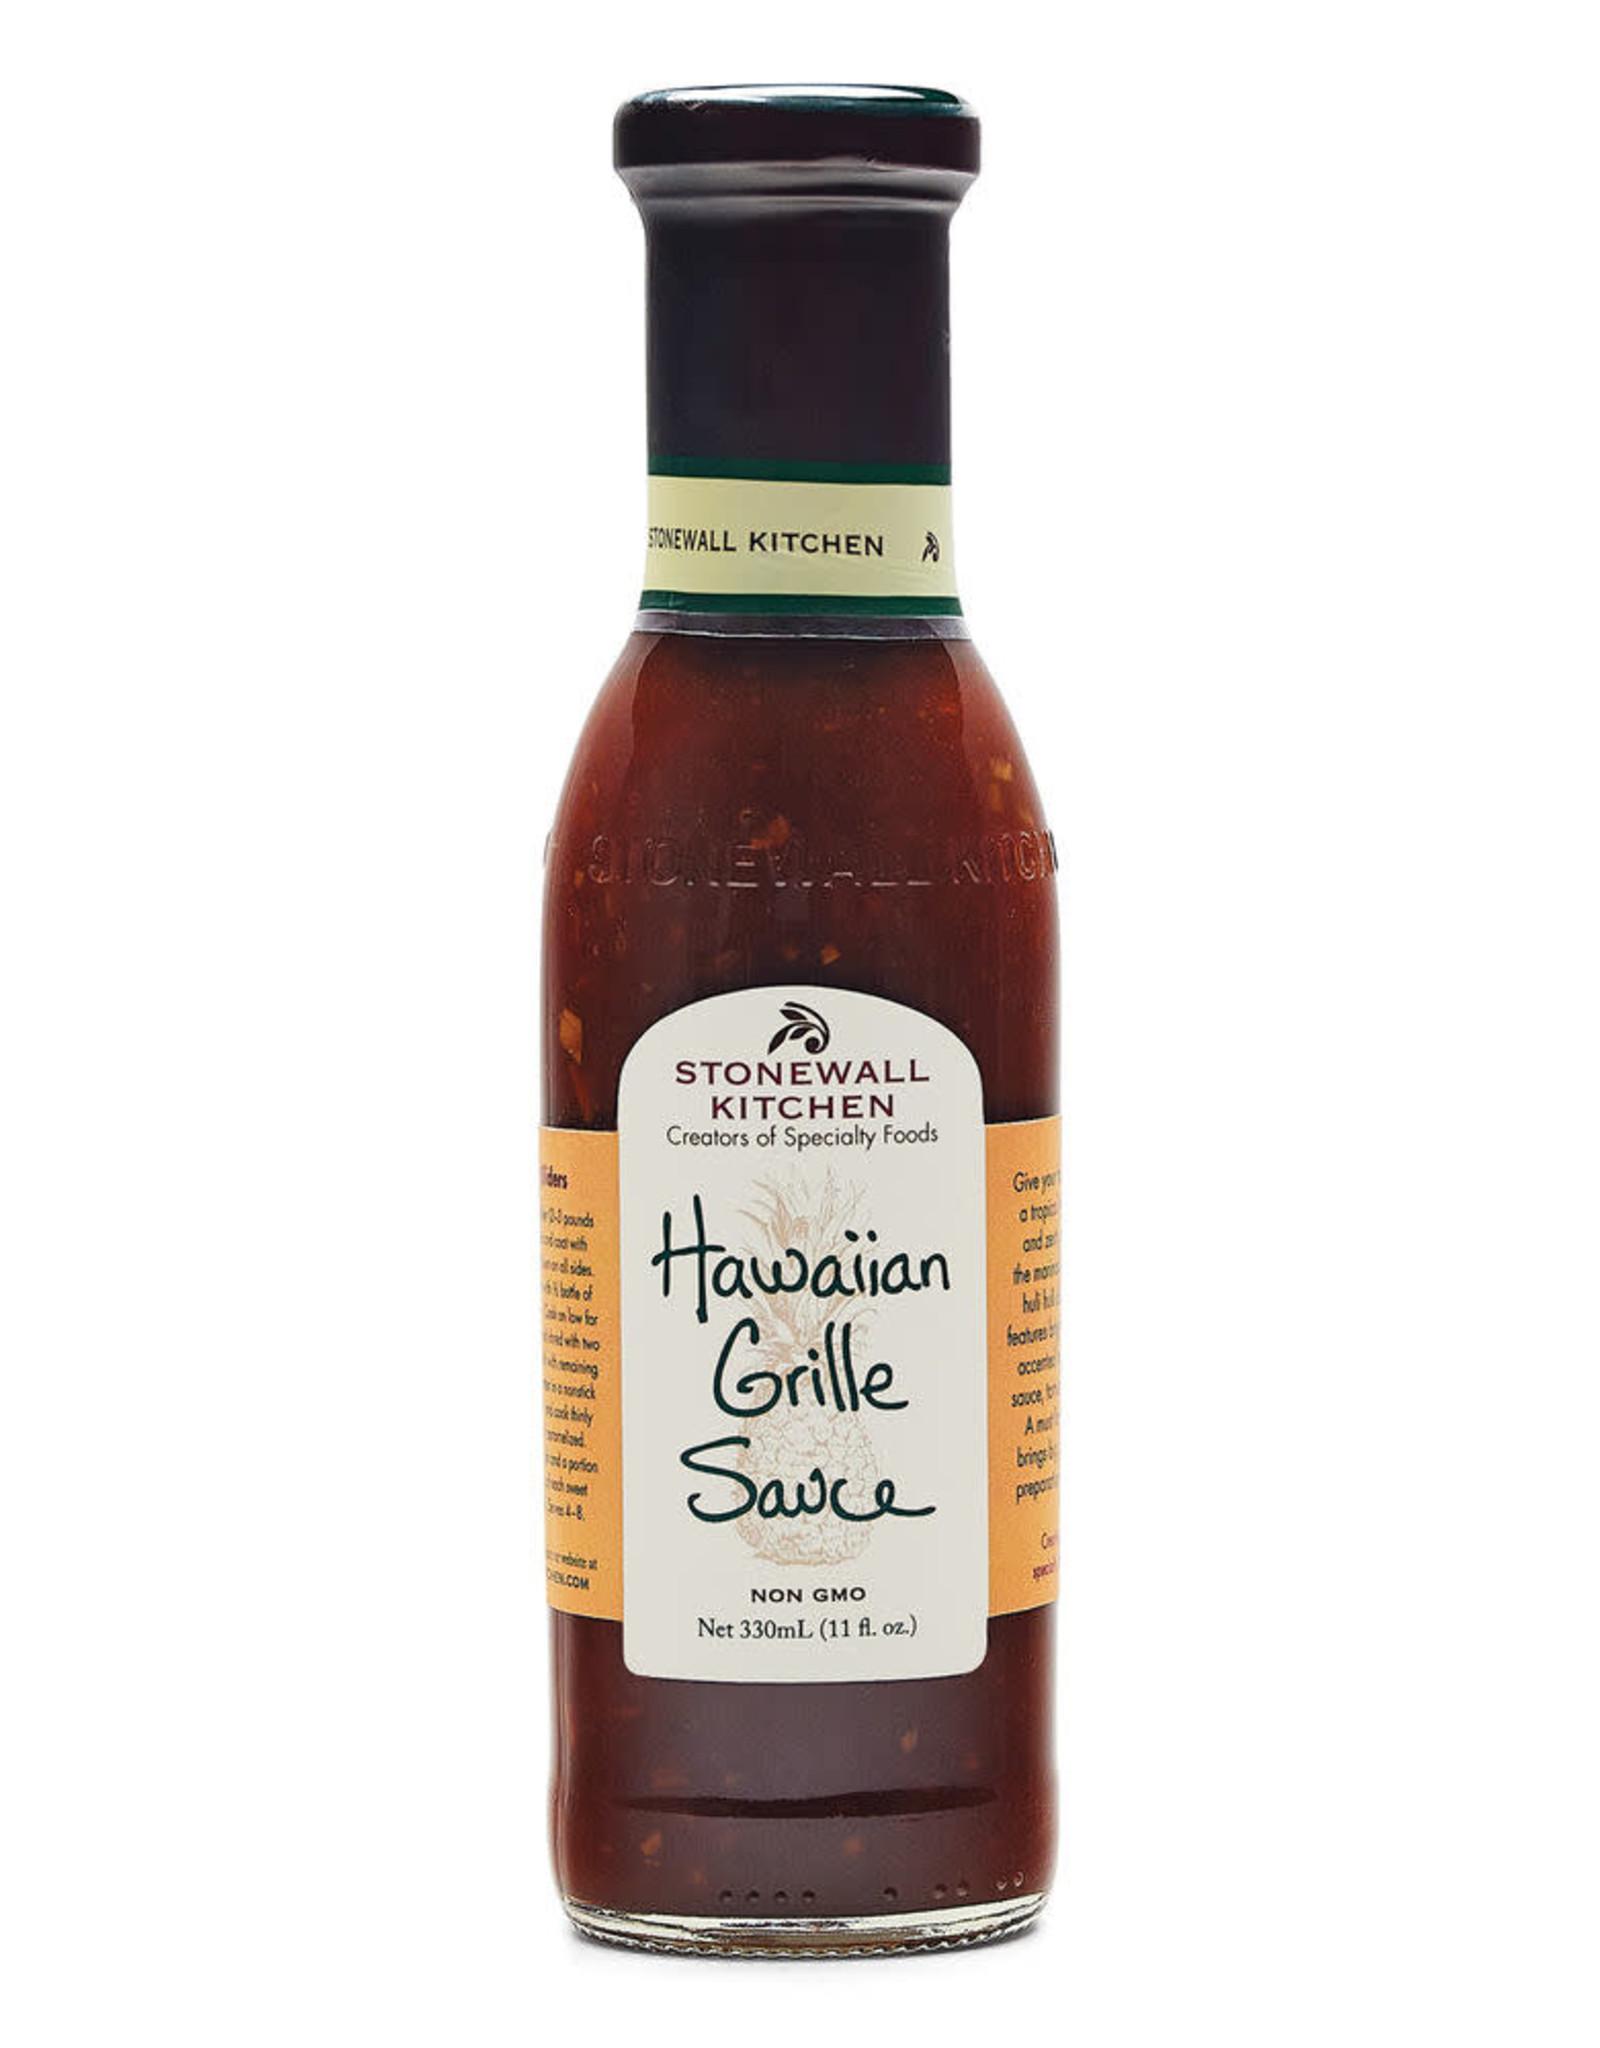 Stonewall Kitchen Hawaiian Grill Sauce